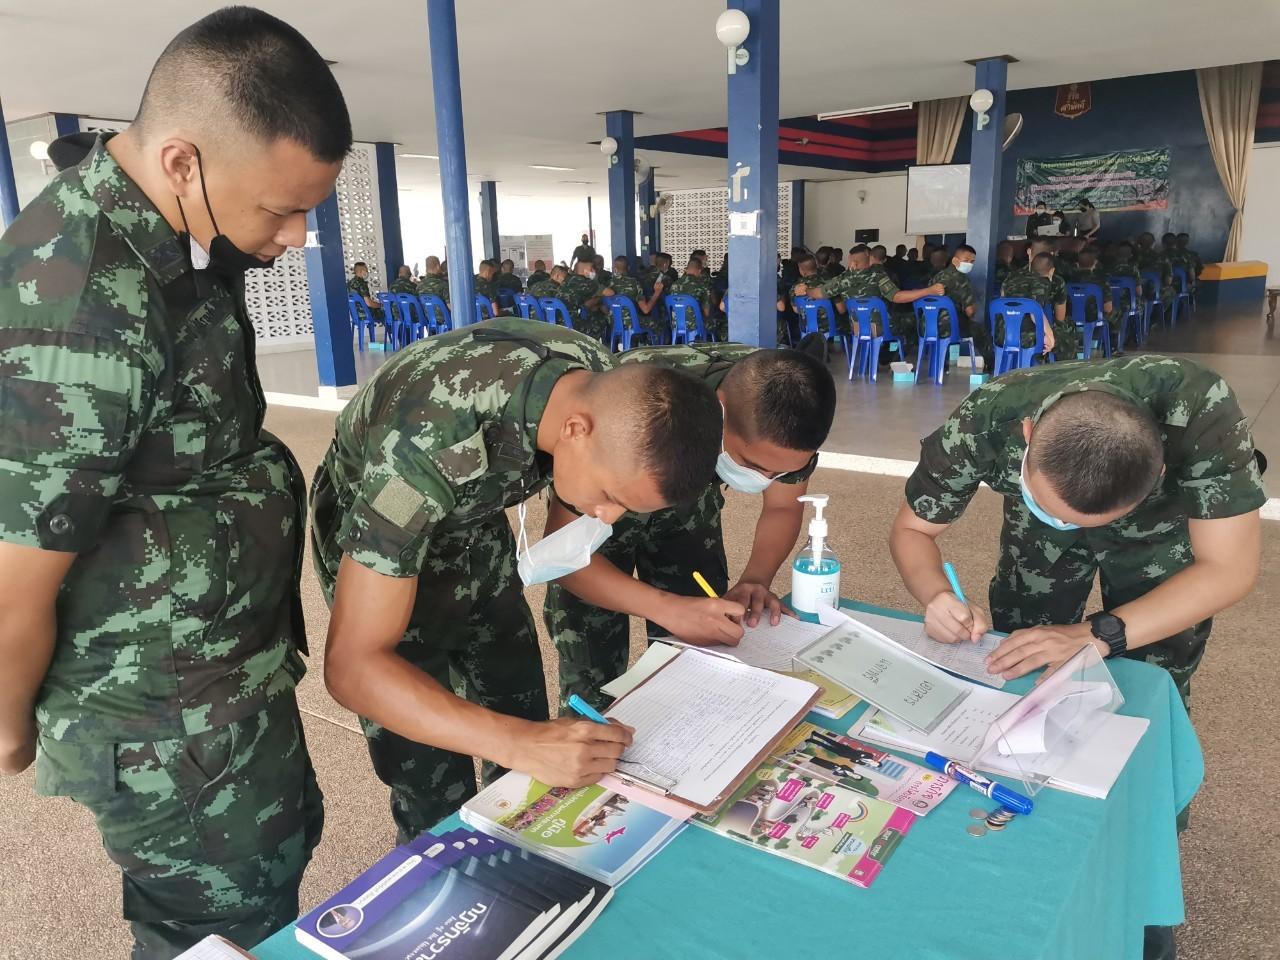 จัดหางานจังหวัดฉะเชิงเทราจัดกิจกรรมส่งเสริมการมีงานทำให้ทหารกองประจำการที่จะปลดเป็นทหารกองหนุน